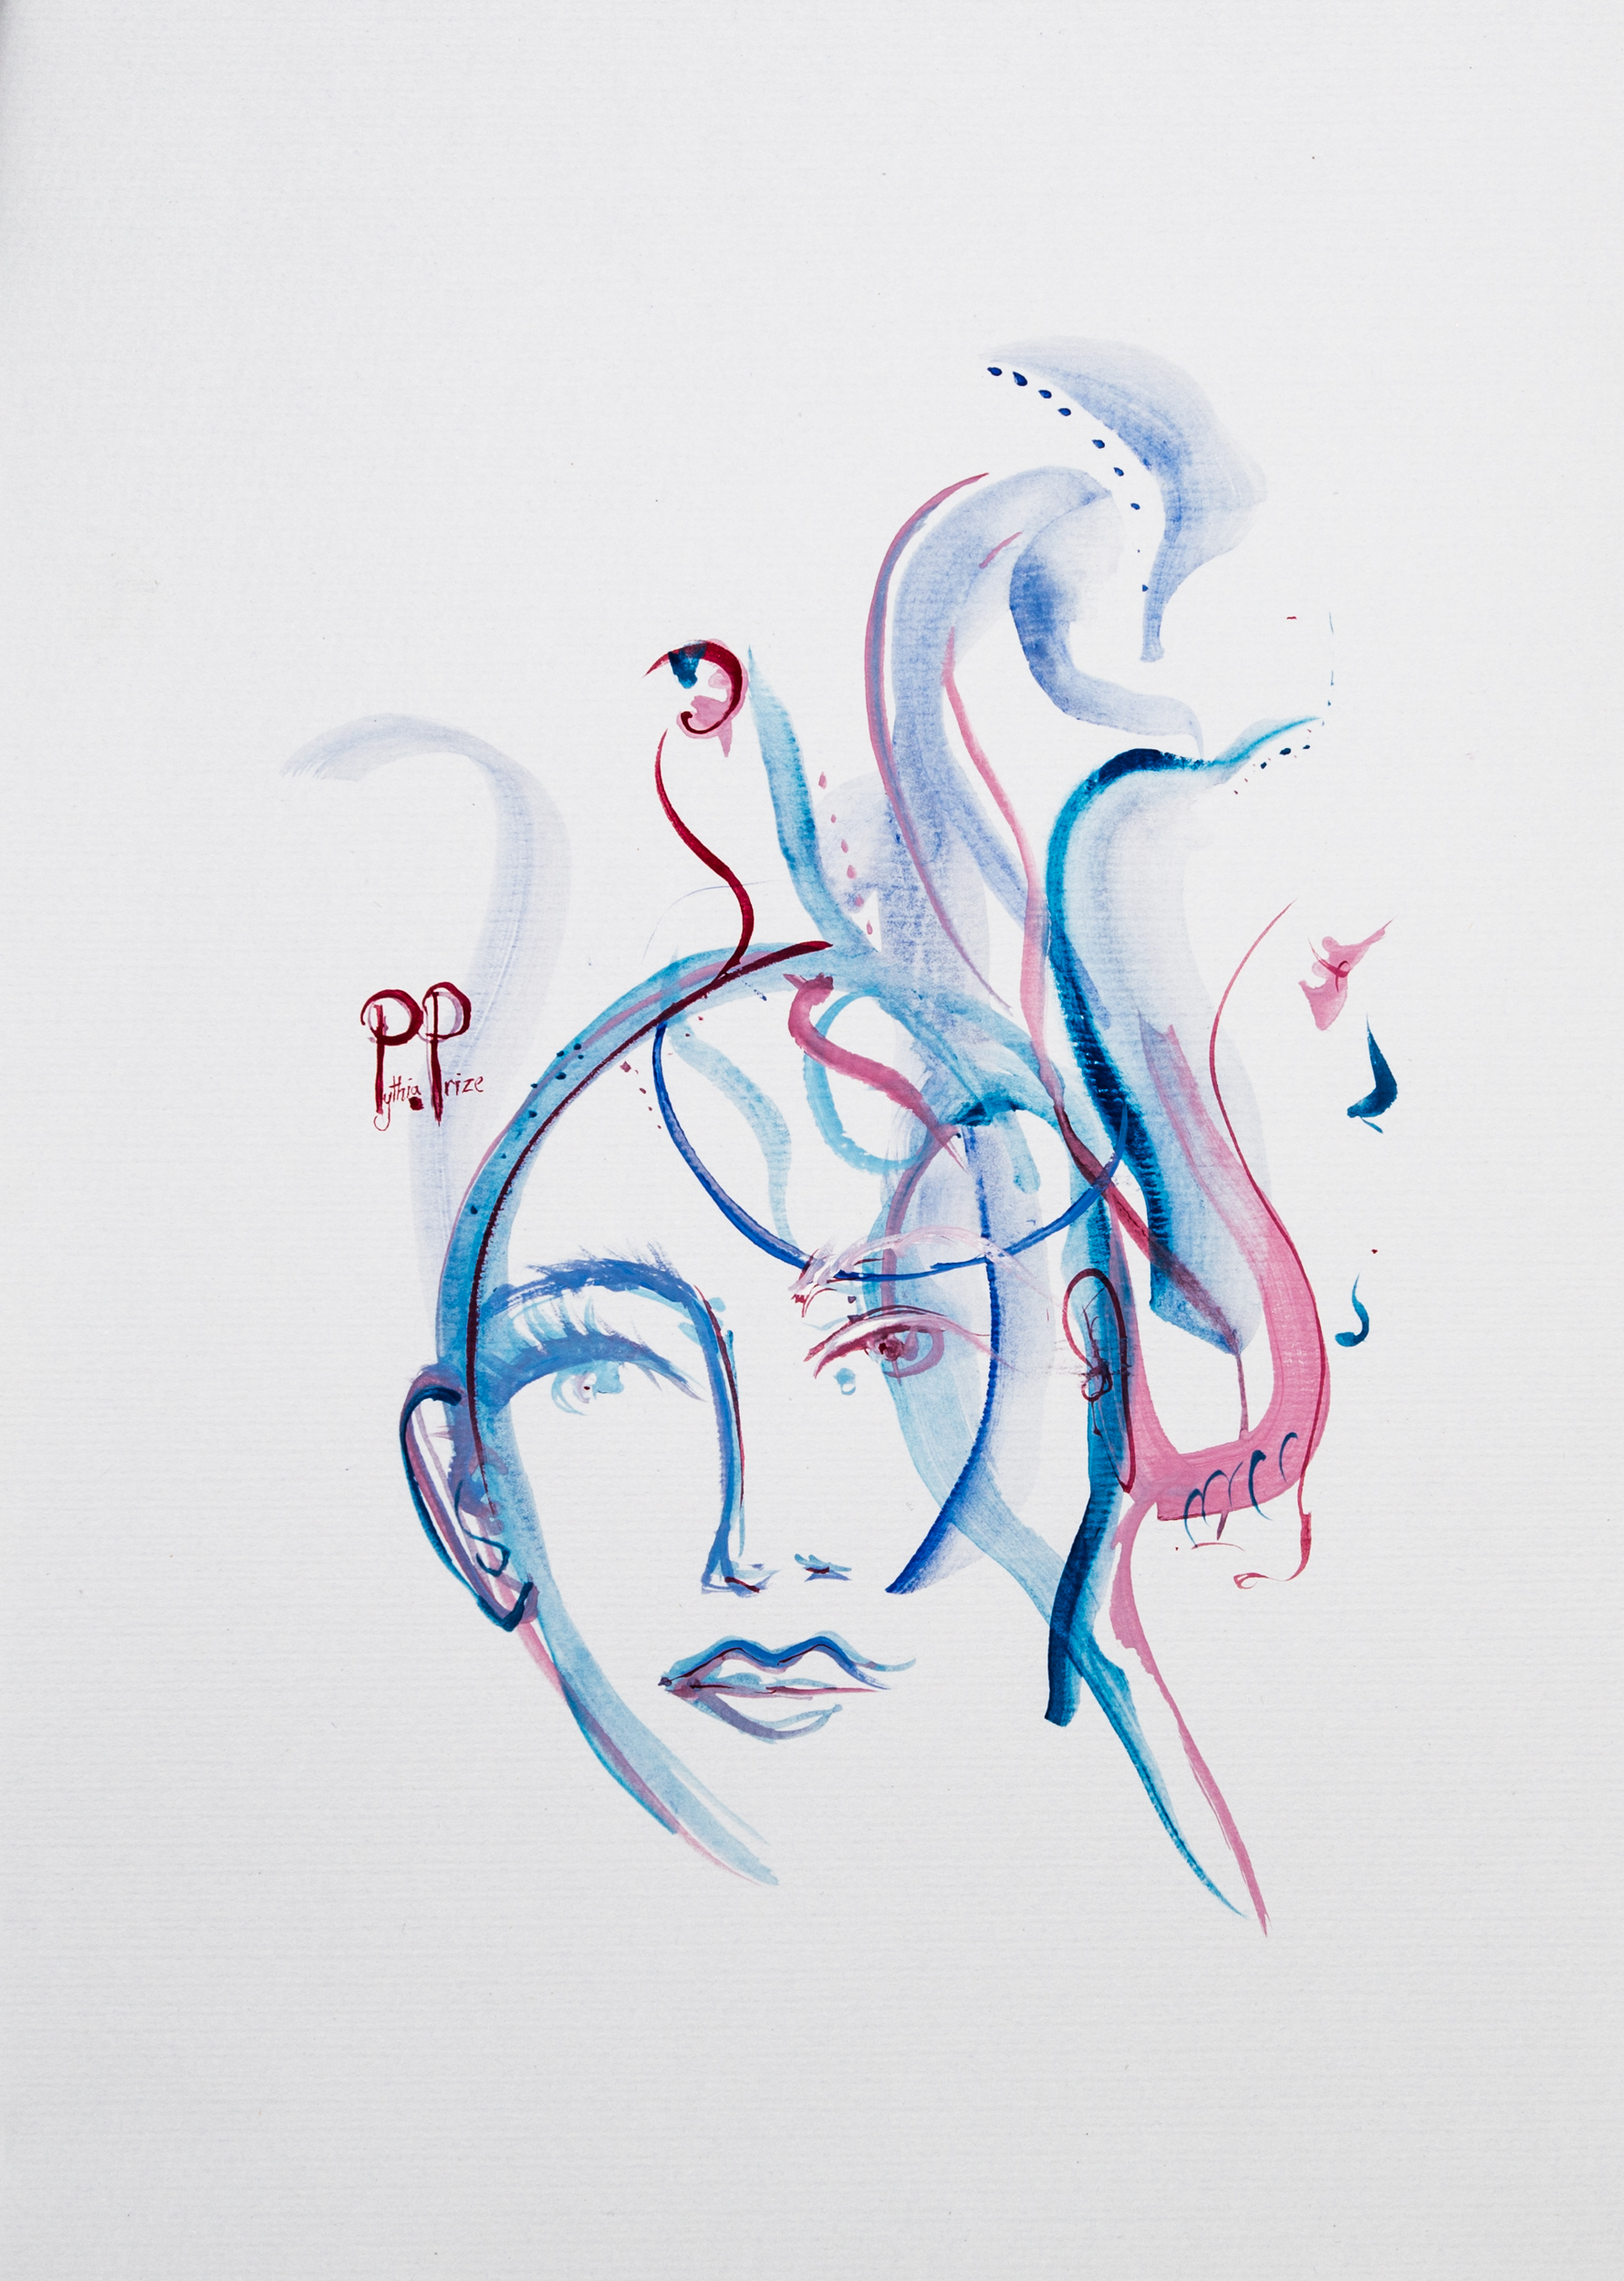 Artwork by  Carmonn French